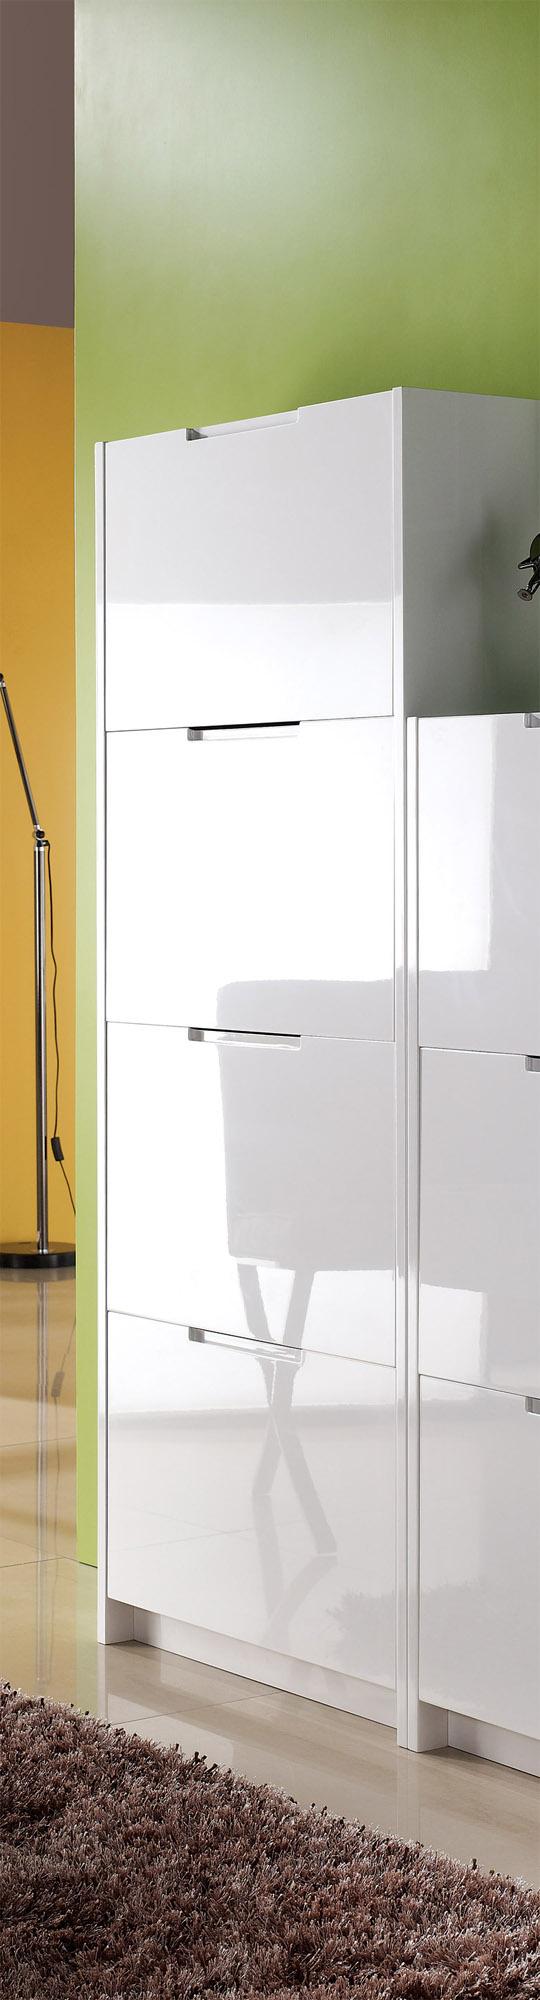 schuhschrank schuhe schuhkipper 3 4 kipper mdf weiss hochglanz led beleuchtung ebay. Black Bedroom Furniture Sets. Home Design Ideas